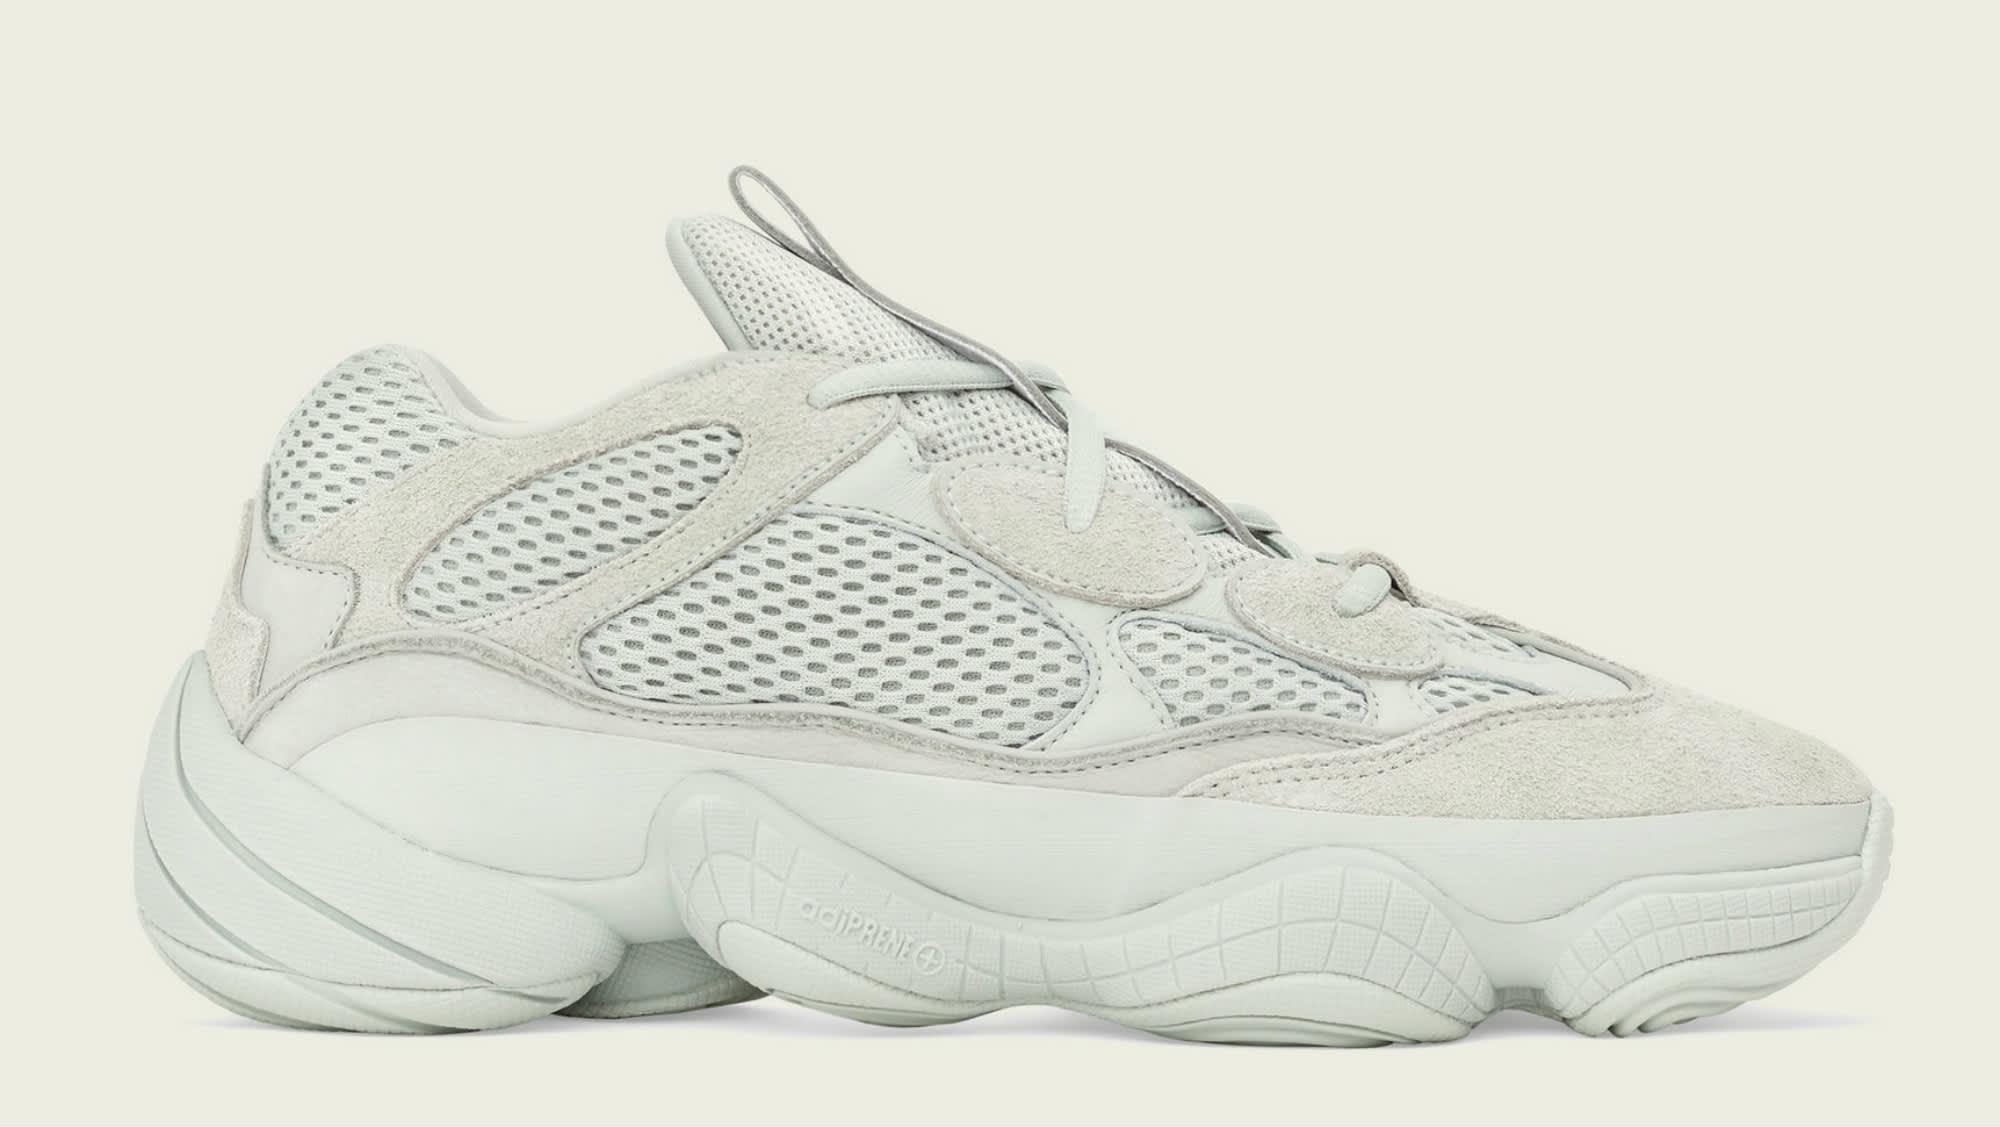 adidas-yeezy-500-salt-ee72870-release-date